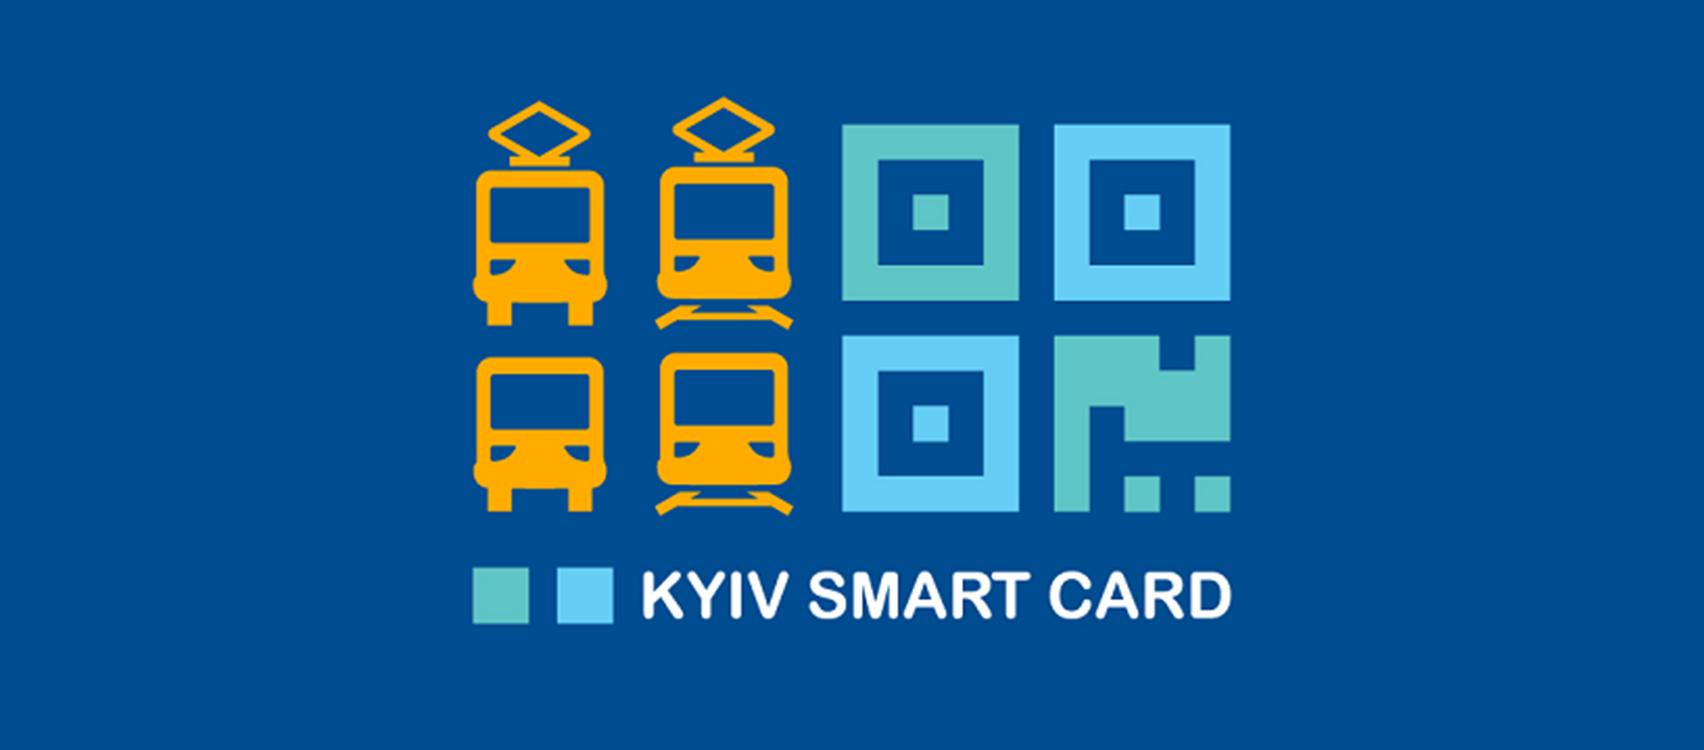 Транспортна картка  (купівля 50 квитків по 6.50 грн.)